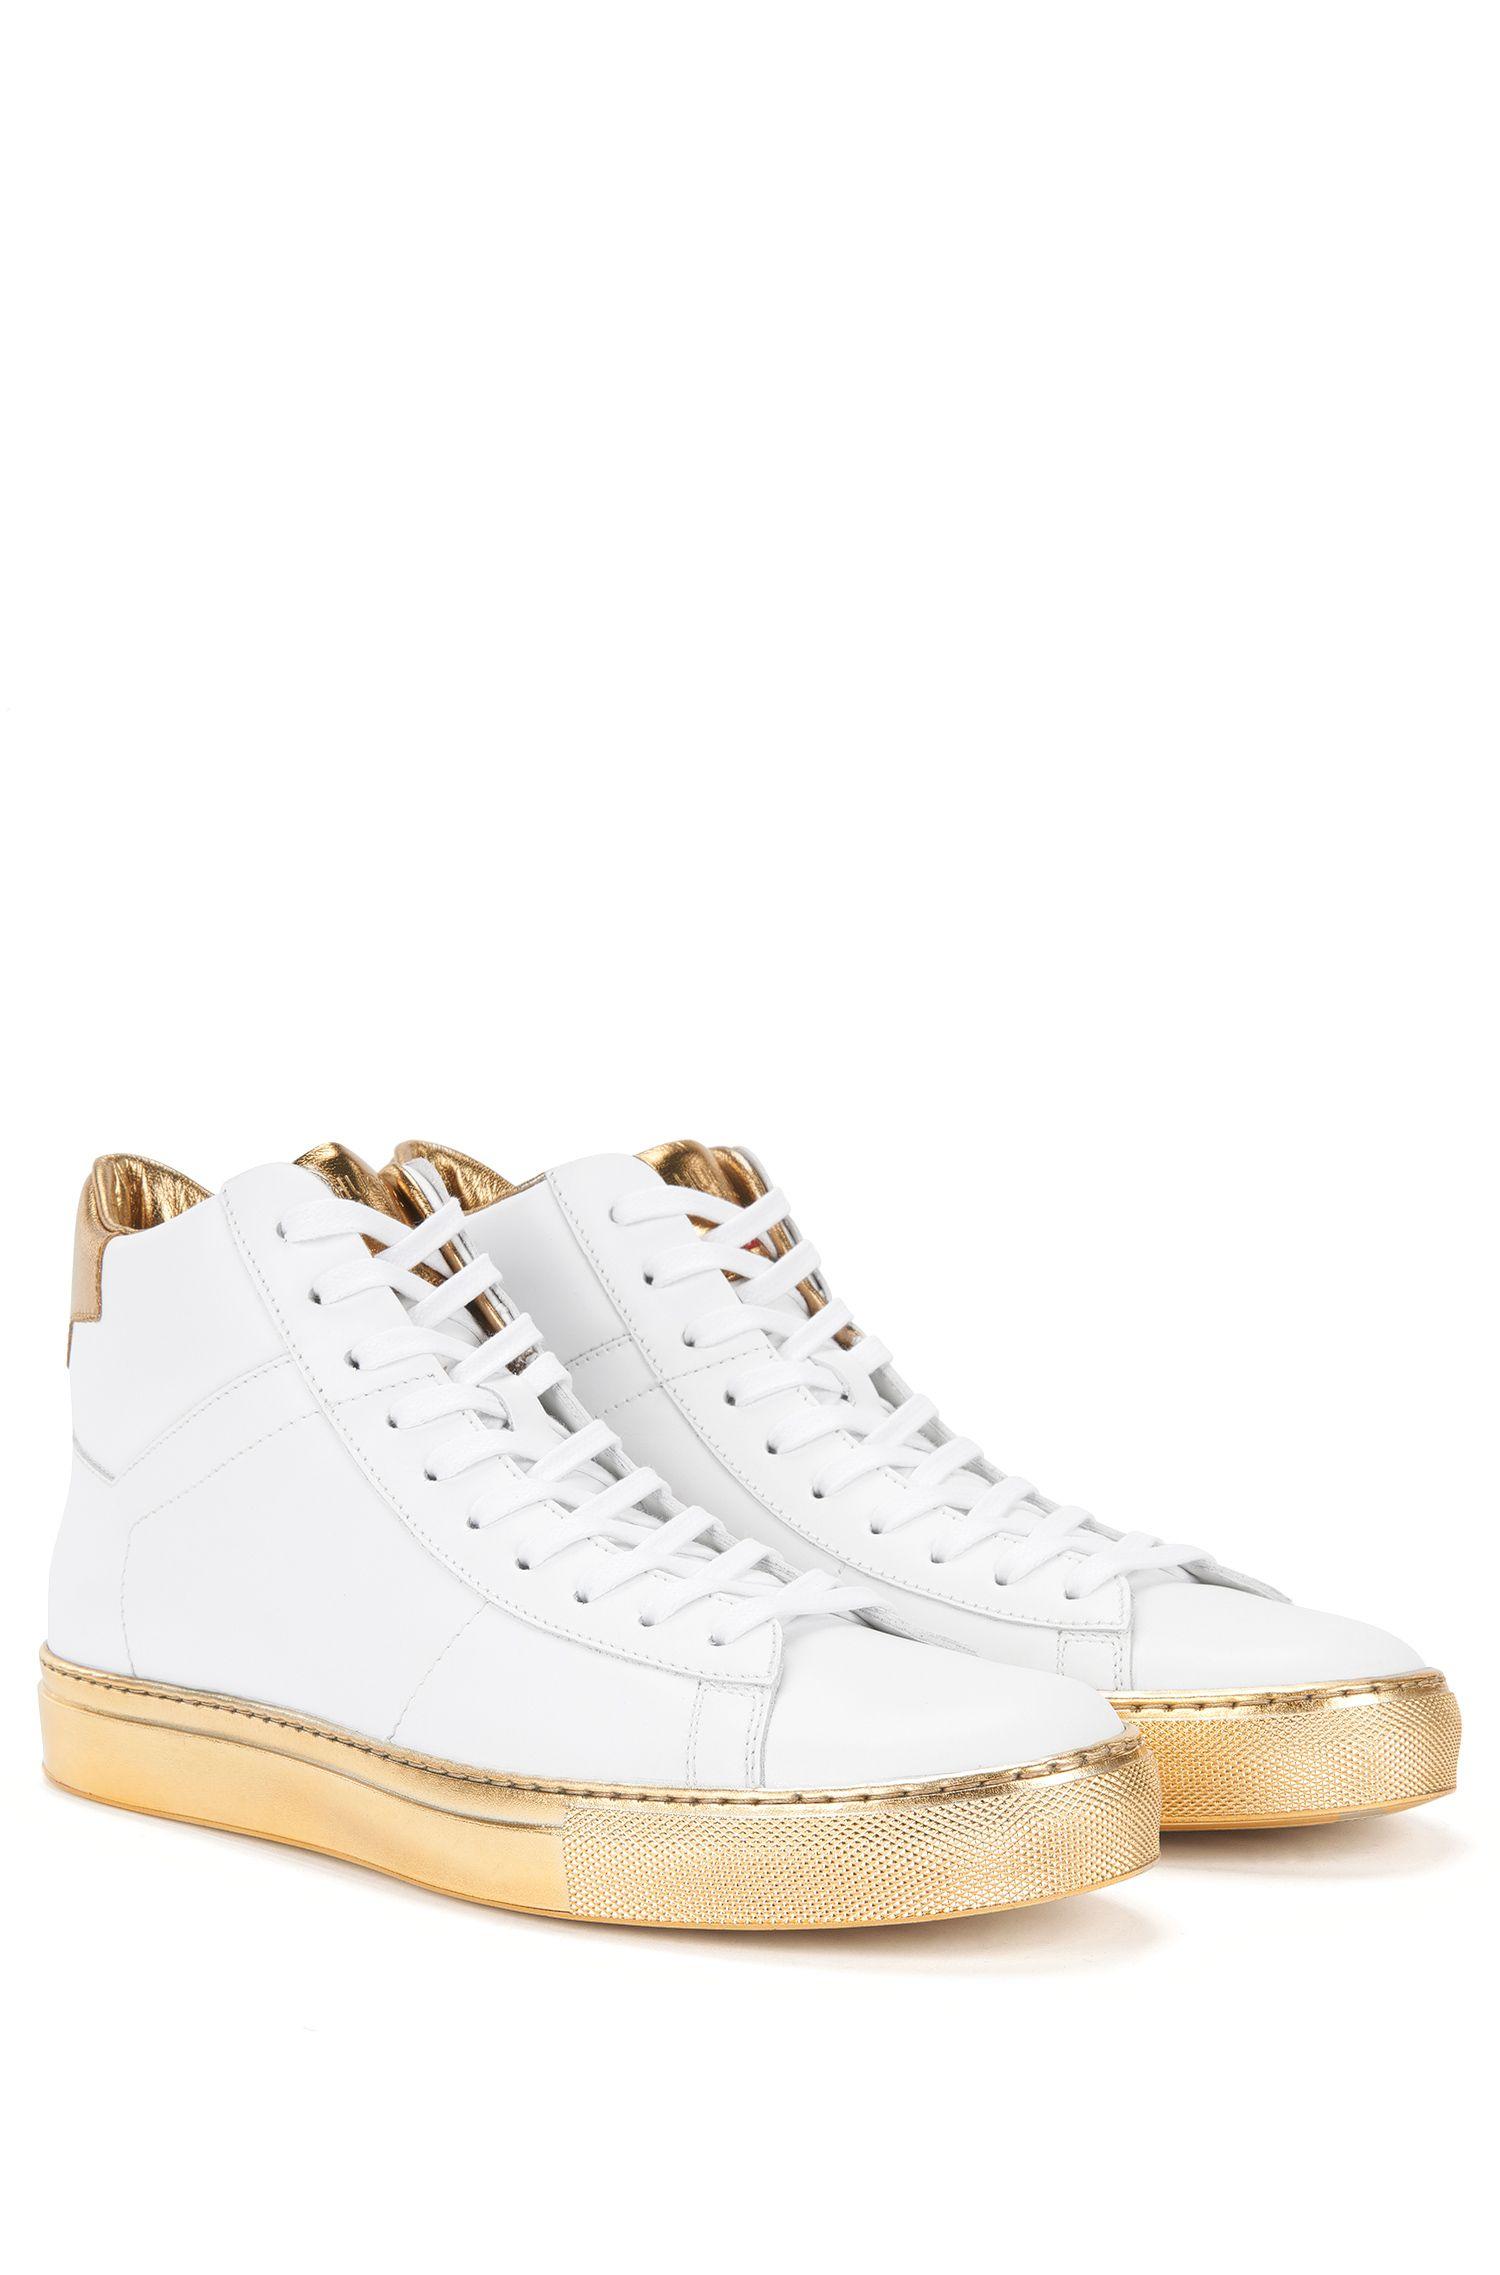 'Aristoc'   Calfskin High Top Metallic Sneakers